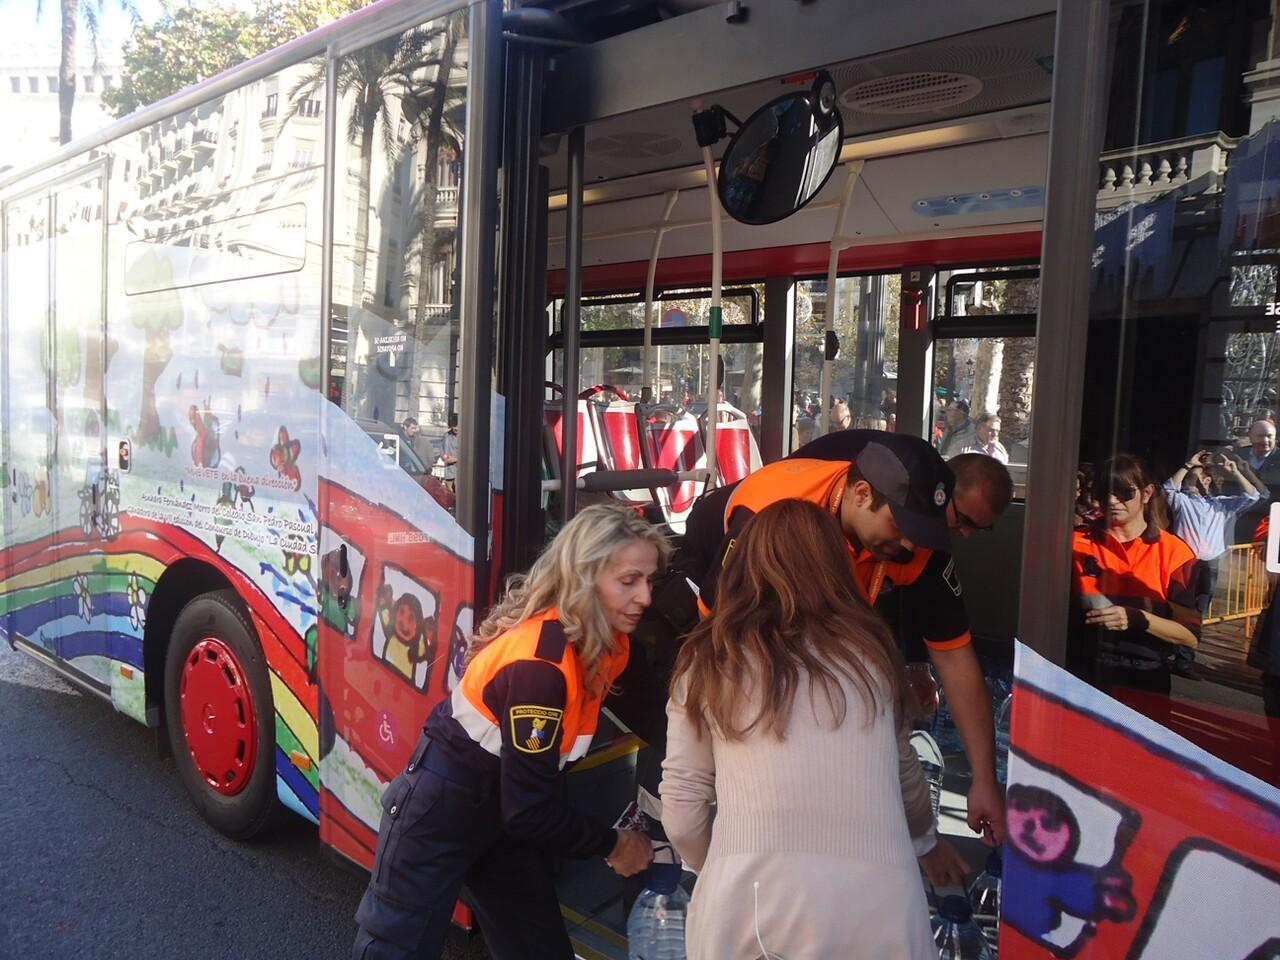 EMT colabora con Urbano Solidario5